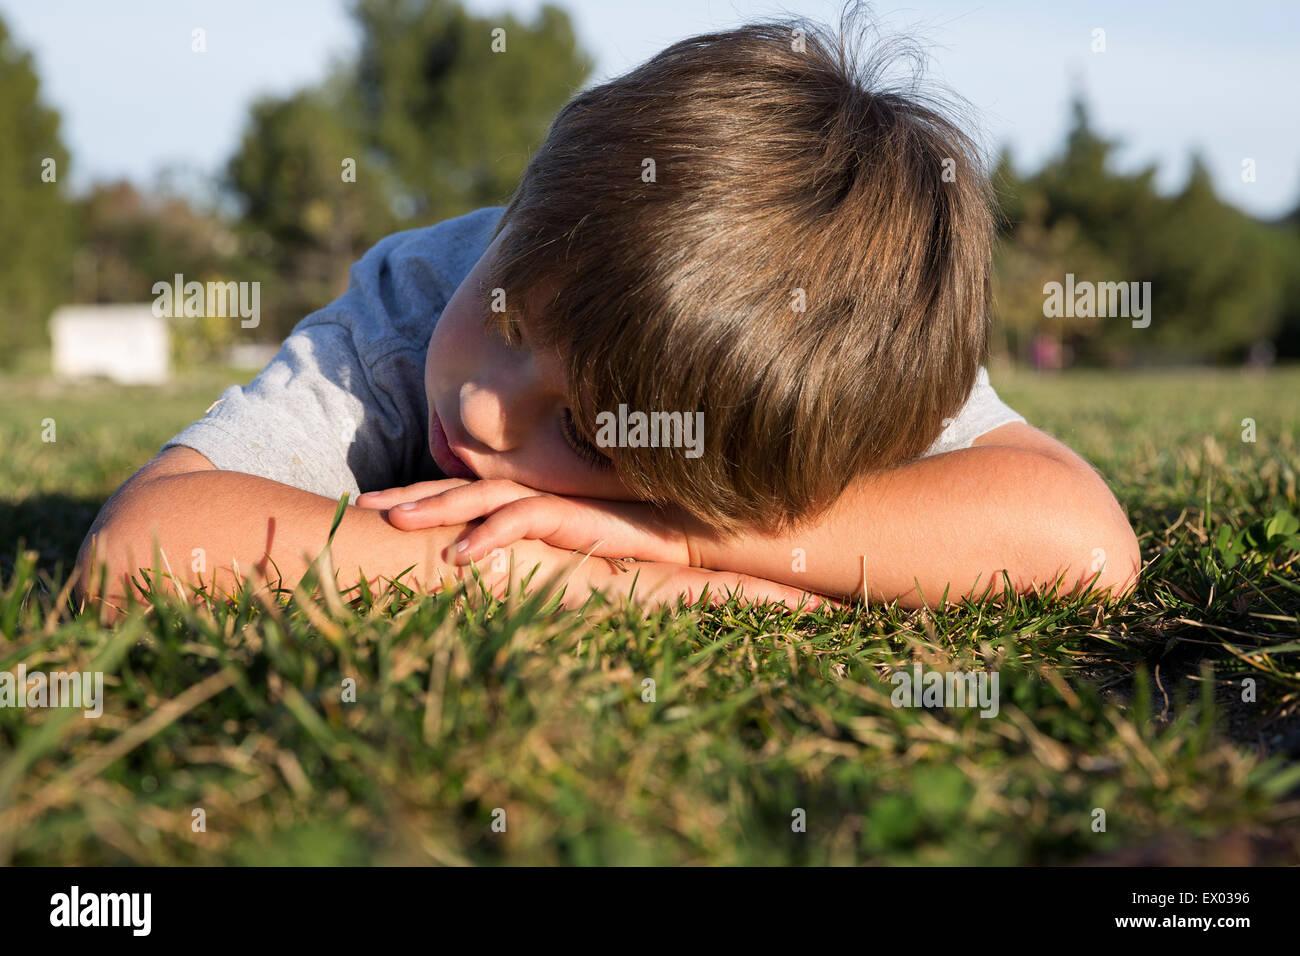 Hosco boy con bajar la cabeza recostada sobre la hierba del parque Foto de stock